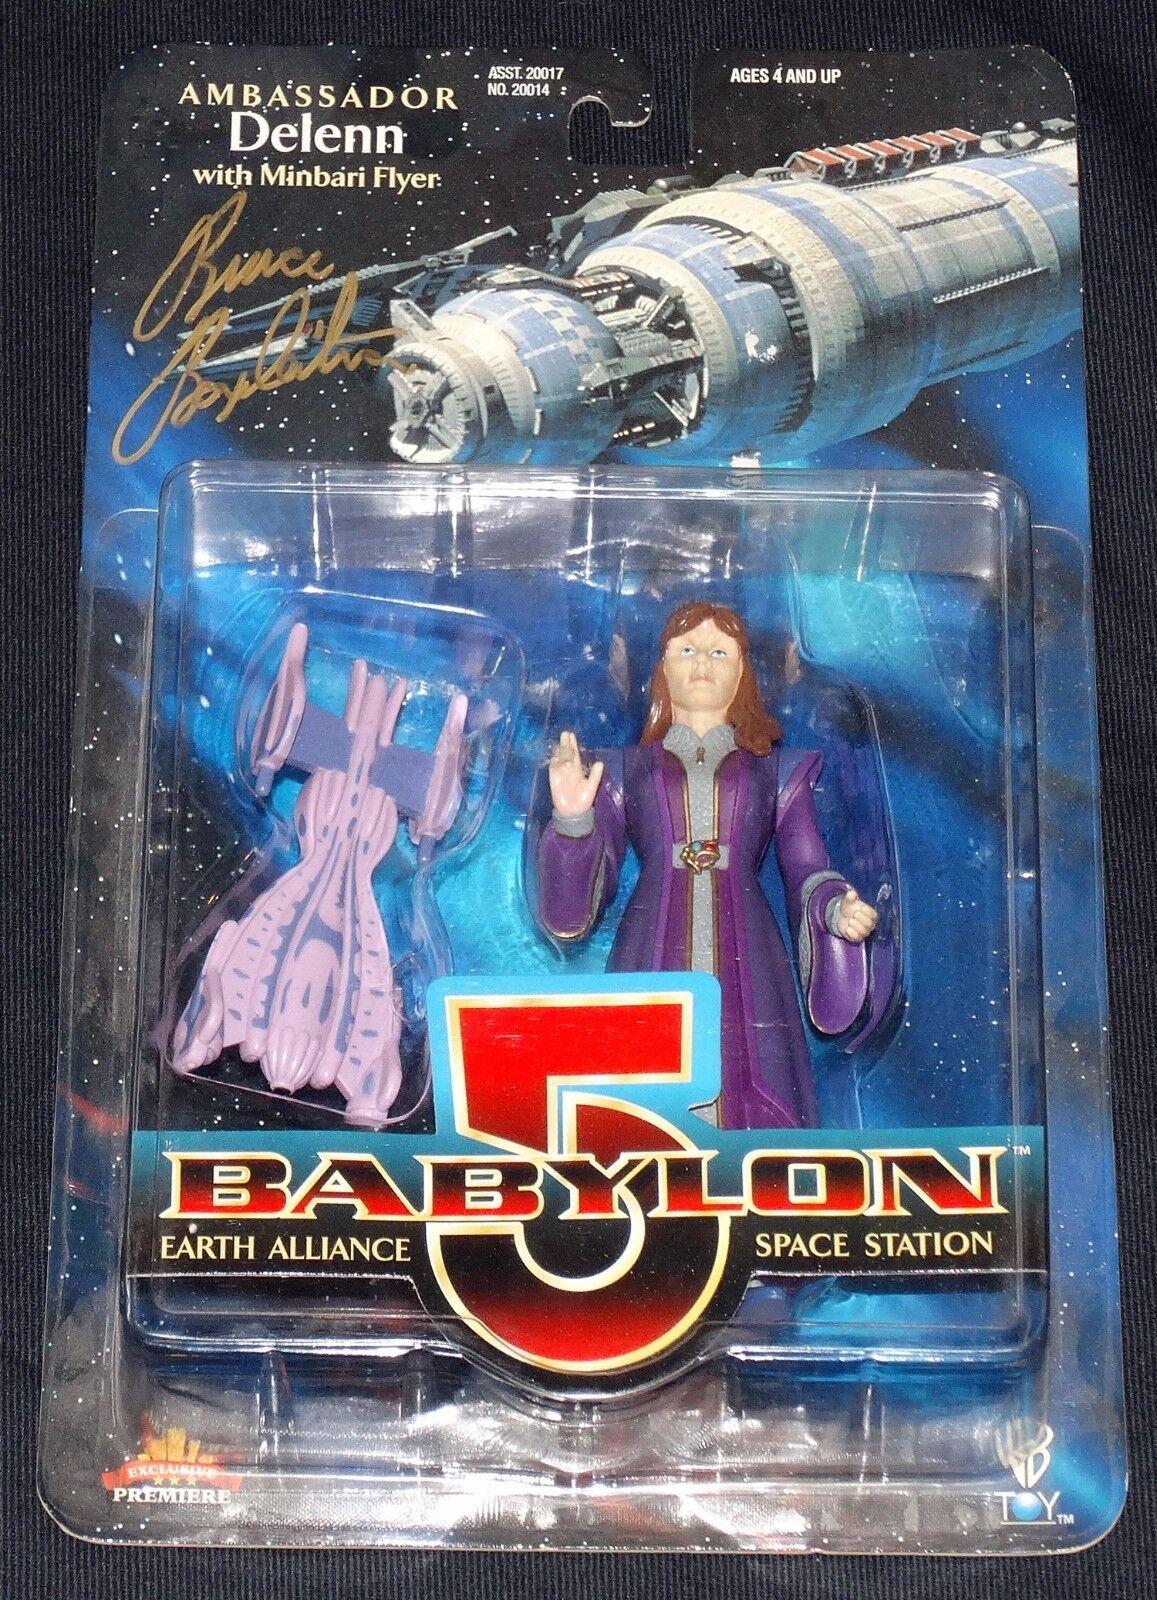 Babyion 5 botschafter g 'kar, londo, deienn unterzeichnet w   coa von bruce boxleightner moc